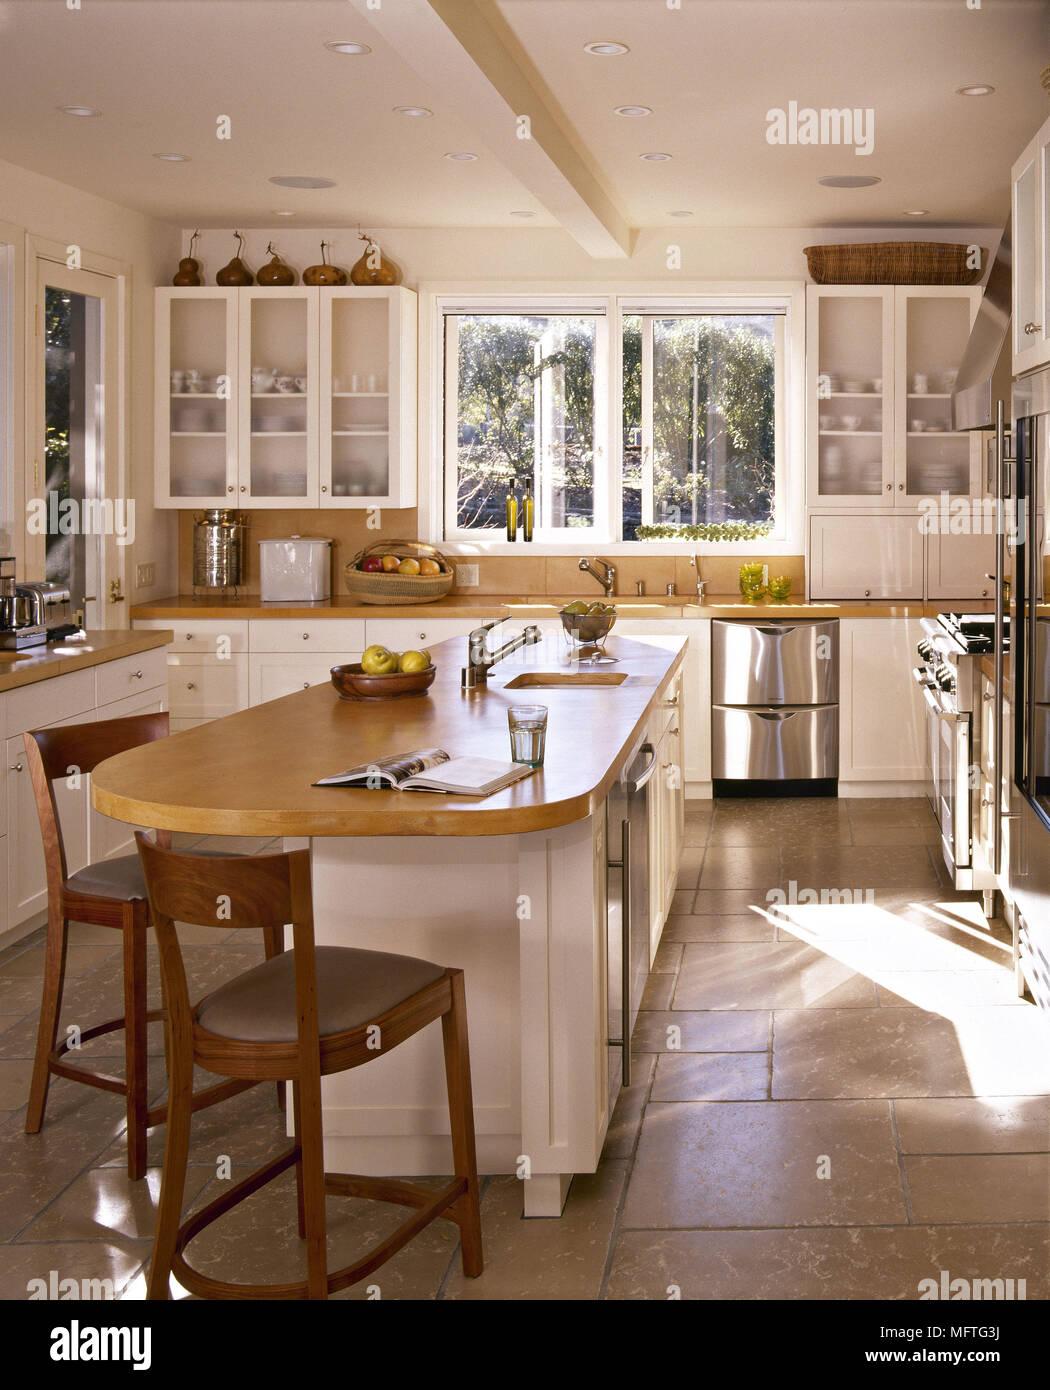 Perfecto País Blanco Fotos De La Cocina Galería - Como Decorar la ...